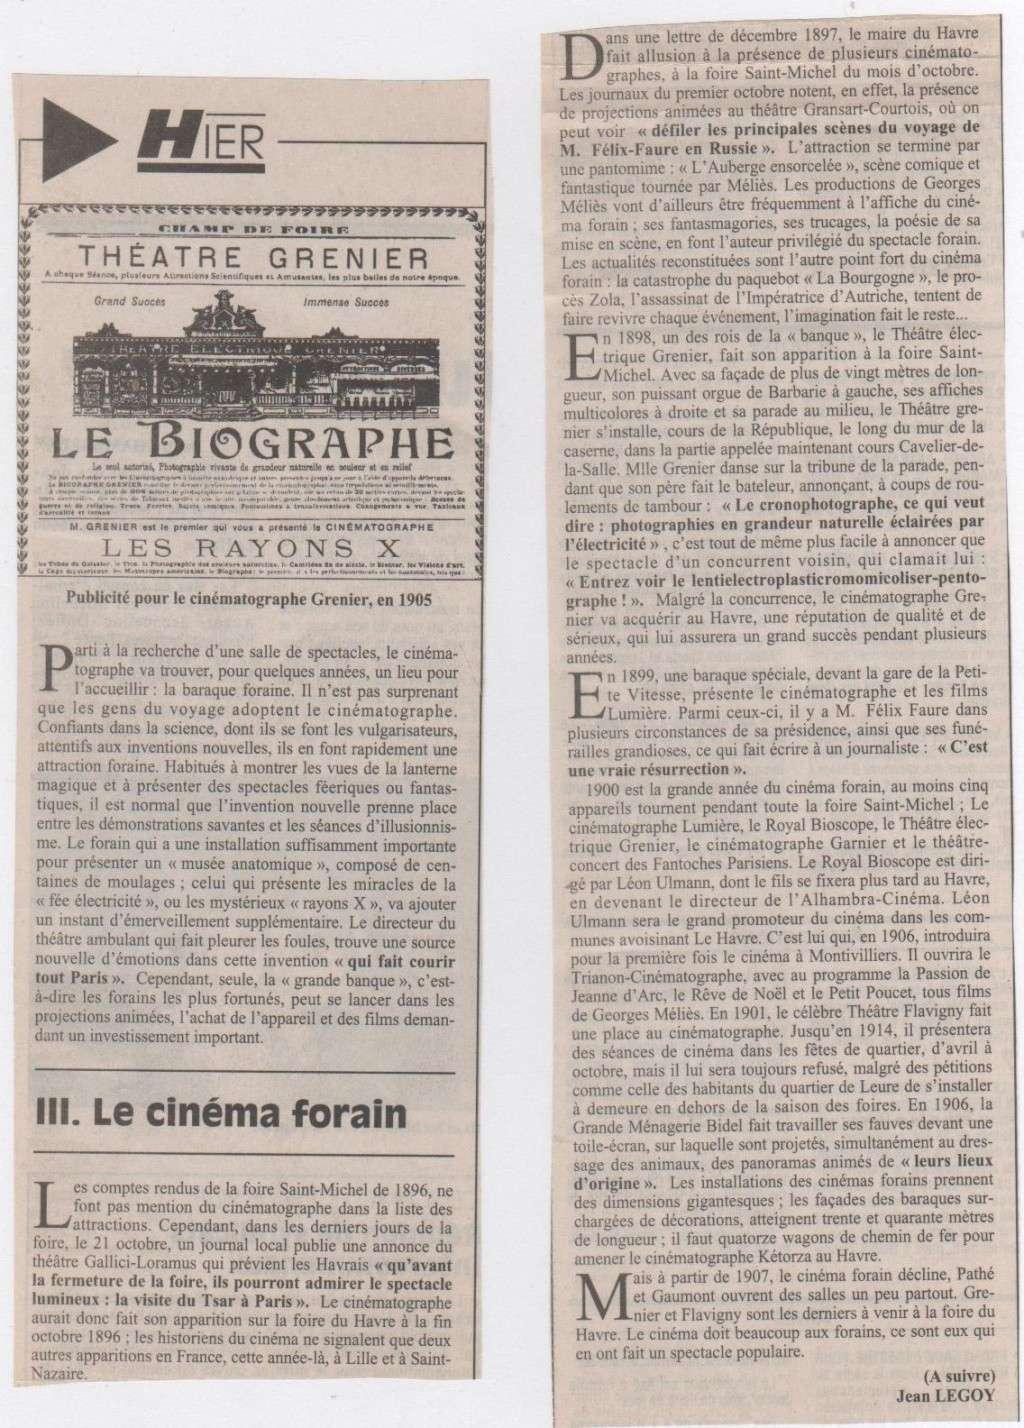 Cinémas et Théâtres de Jean LEGOY Jean_l65